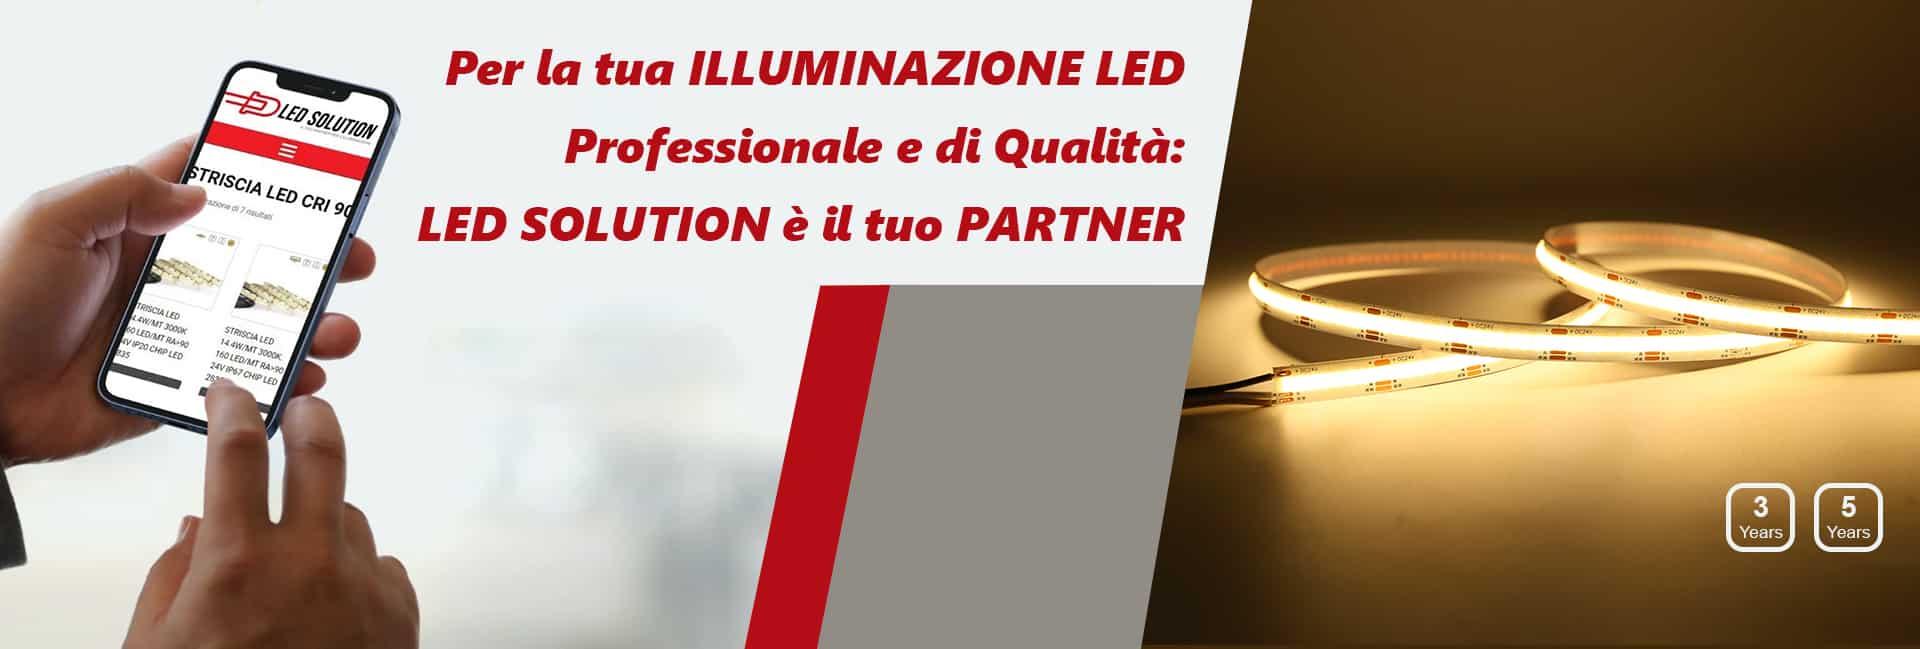 Per la tua ILLUMINAZIONE LED Professionale e di Qualità: LED SOLUTION è il tuo PARTNER